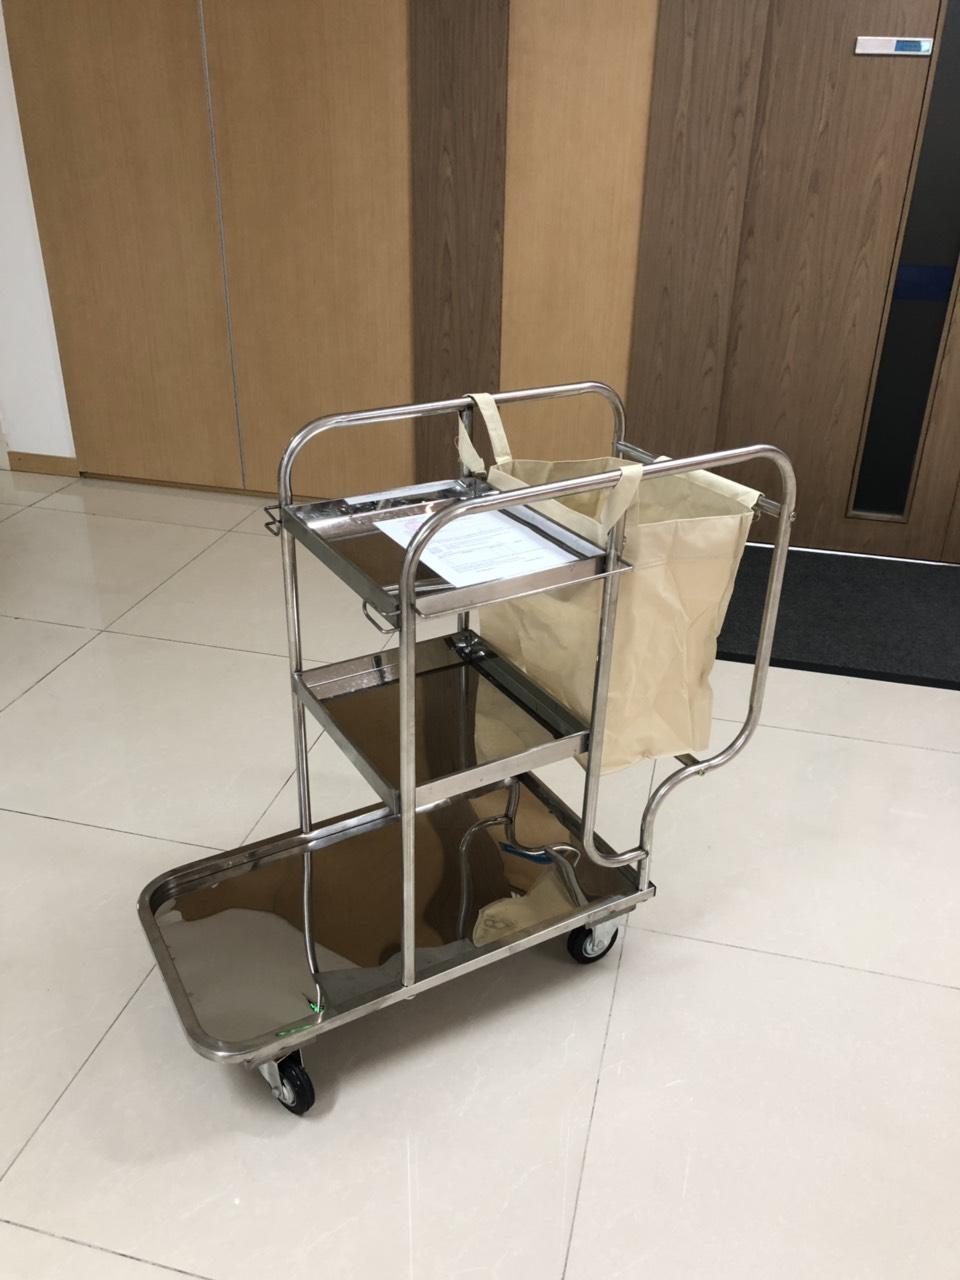 xe đẩy dọn vệ sinh 3 tầng bằng inox cho nhà hàng, khách sạn